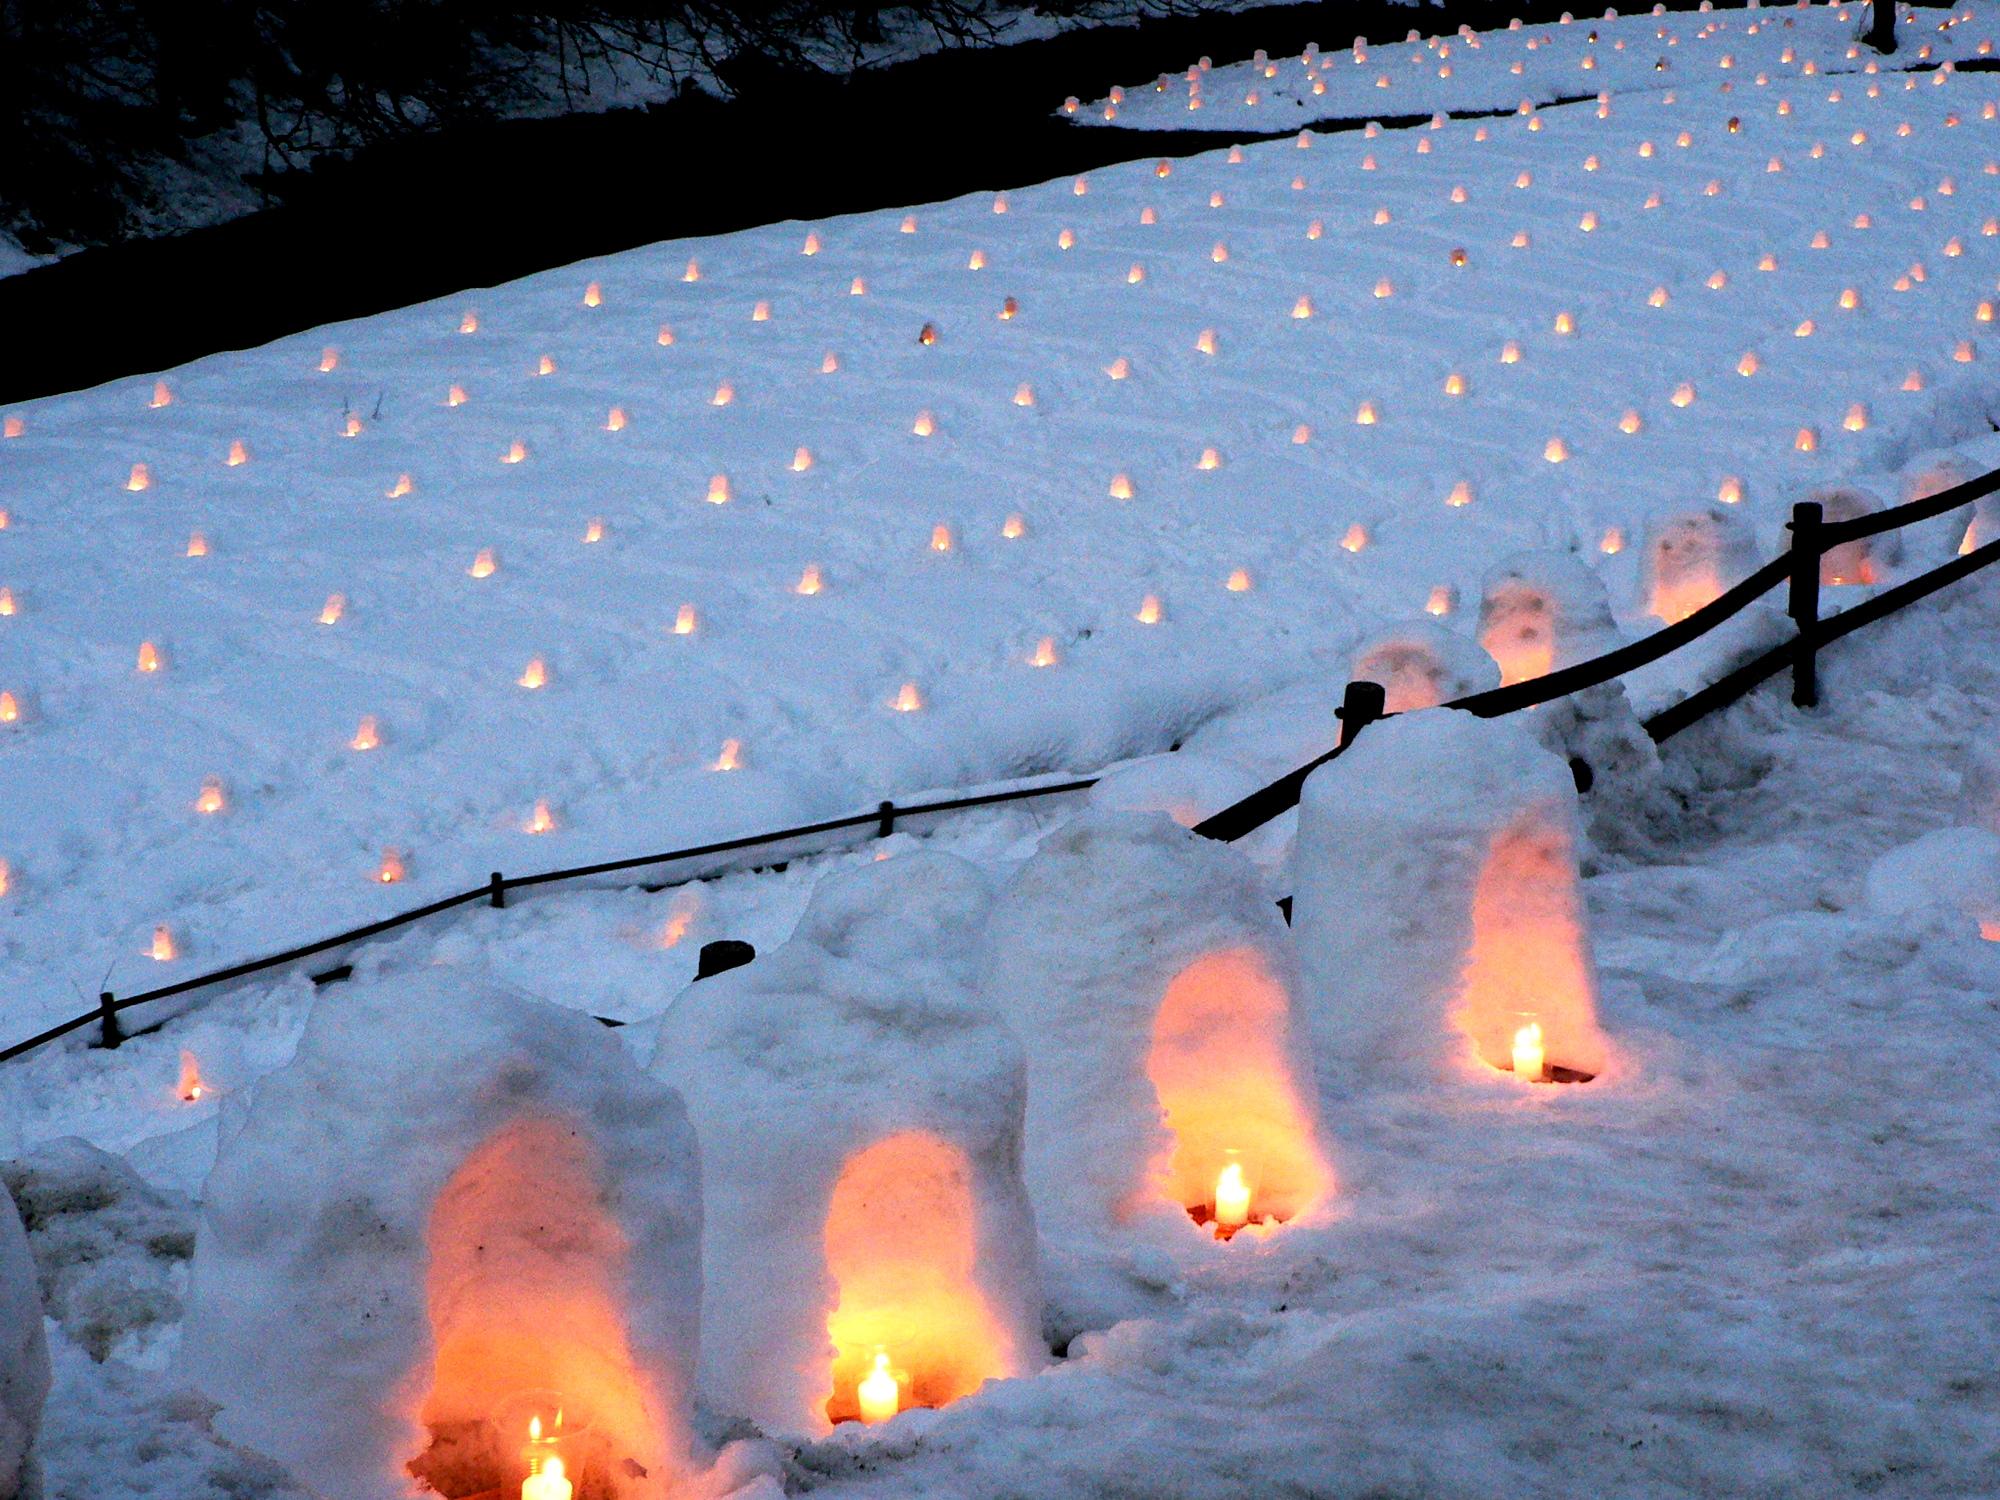 湯西川温泉の点灯されるミニかまくら